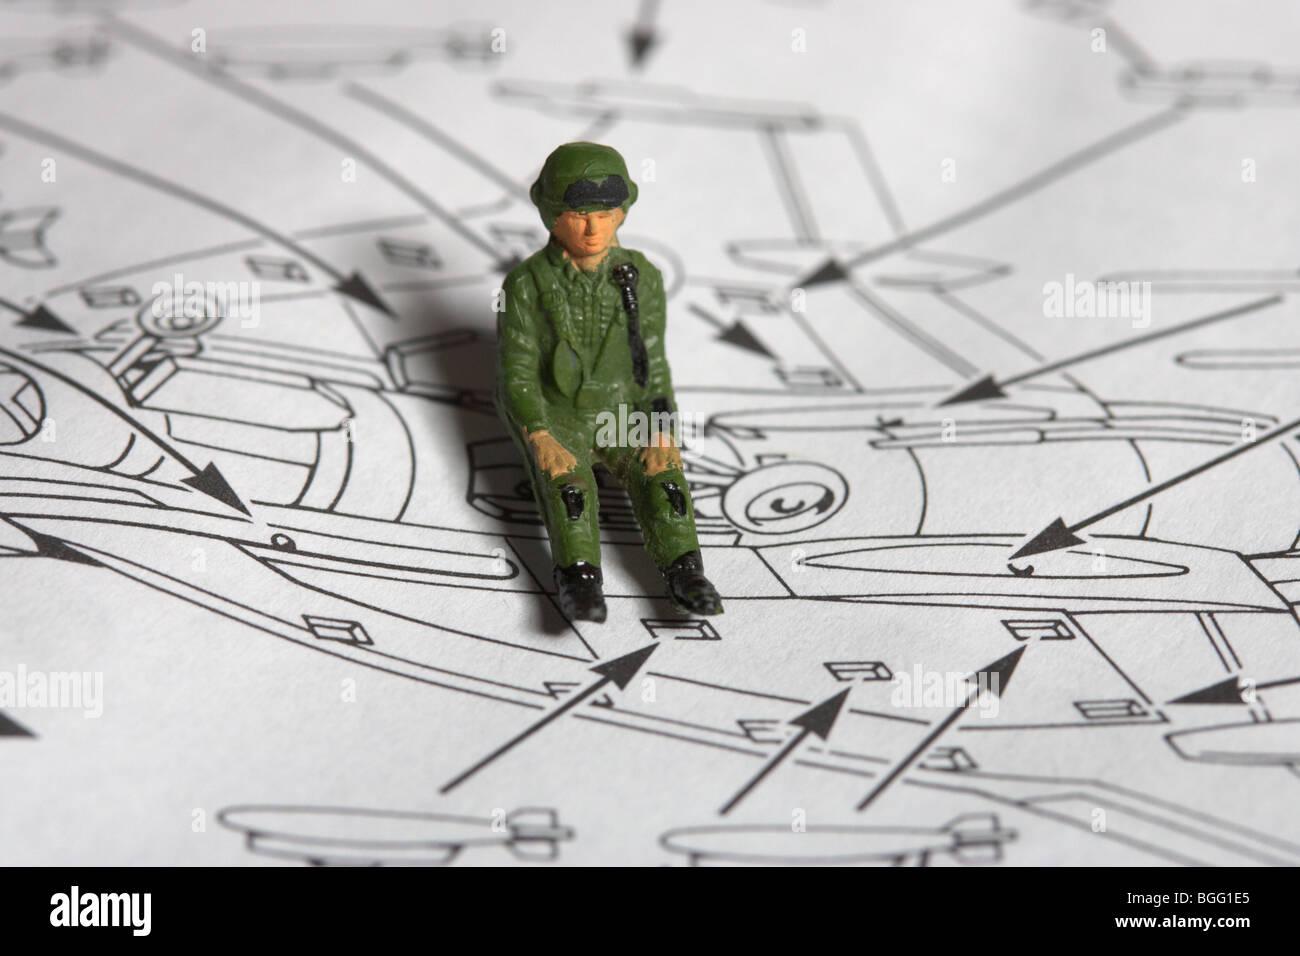 Toy piano approssimativamente verniciato seduta pilota sul kit di costruzione con le istruzioni Immagini Stock